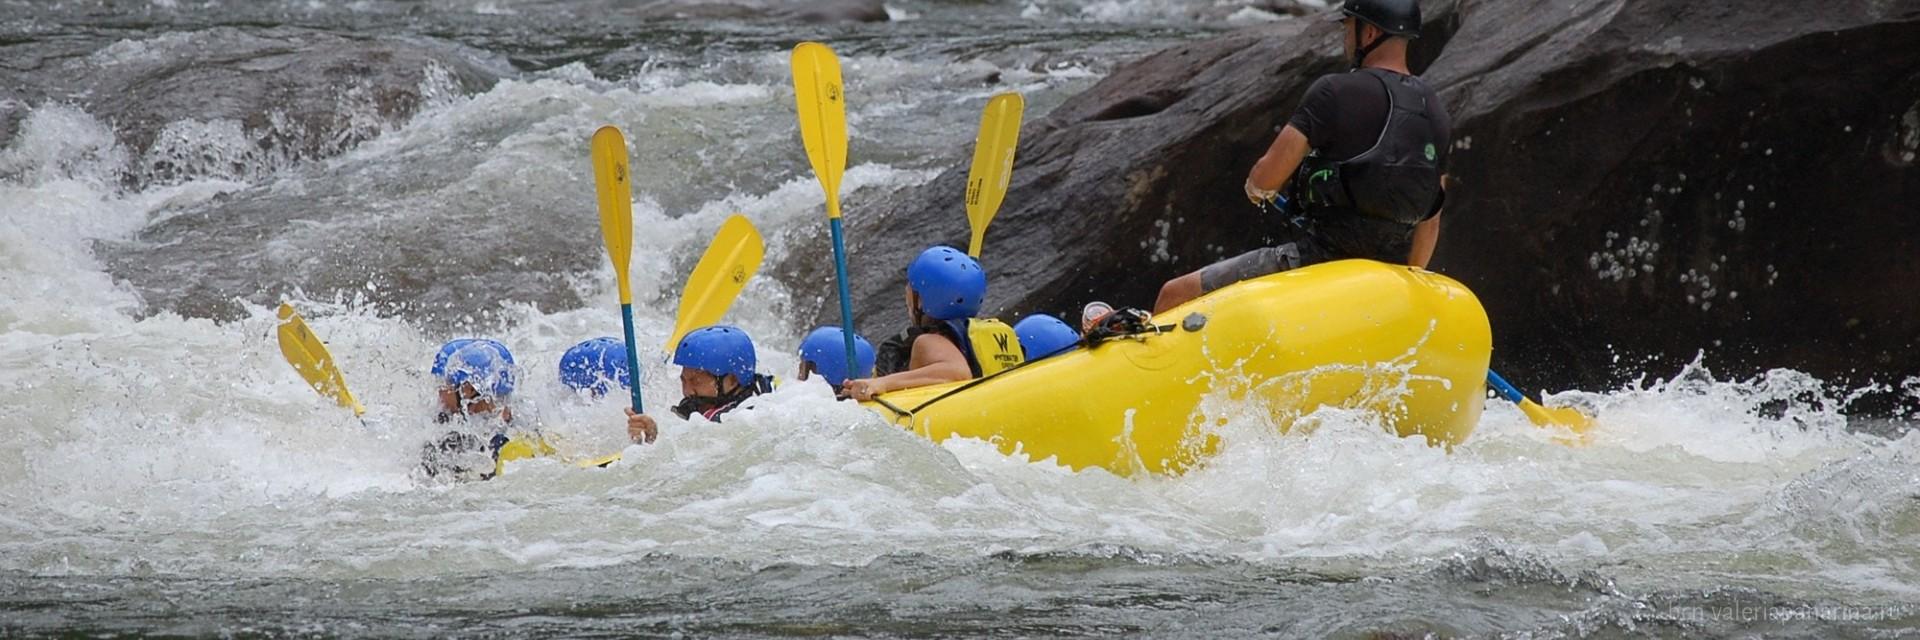 Маршруты водного туризма в Испании